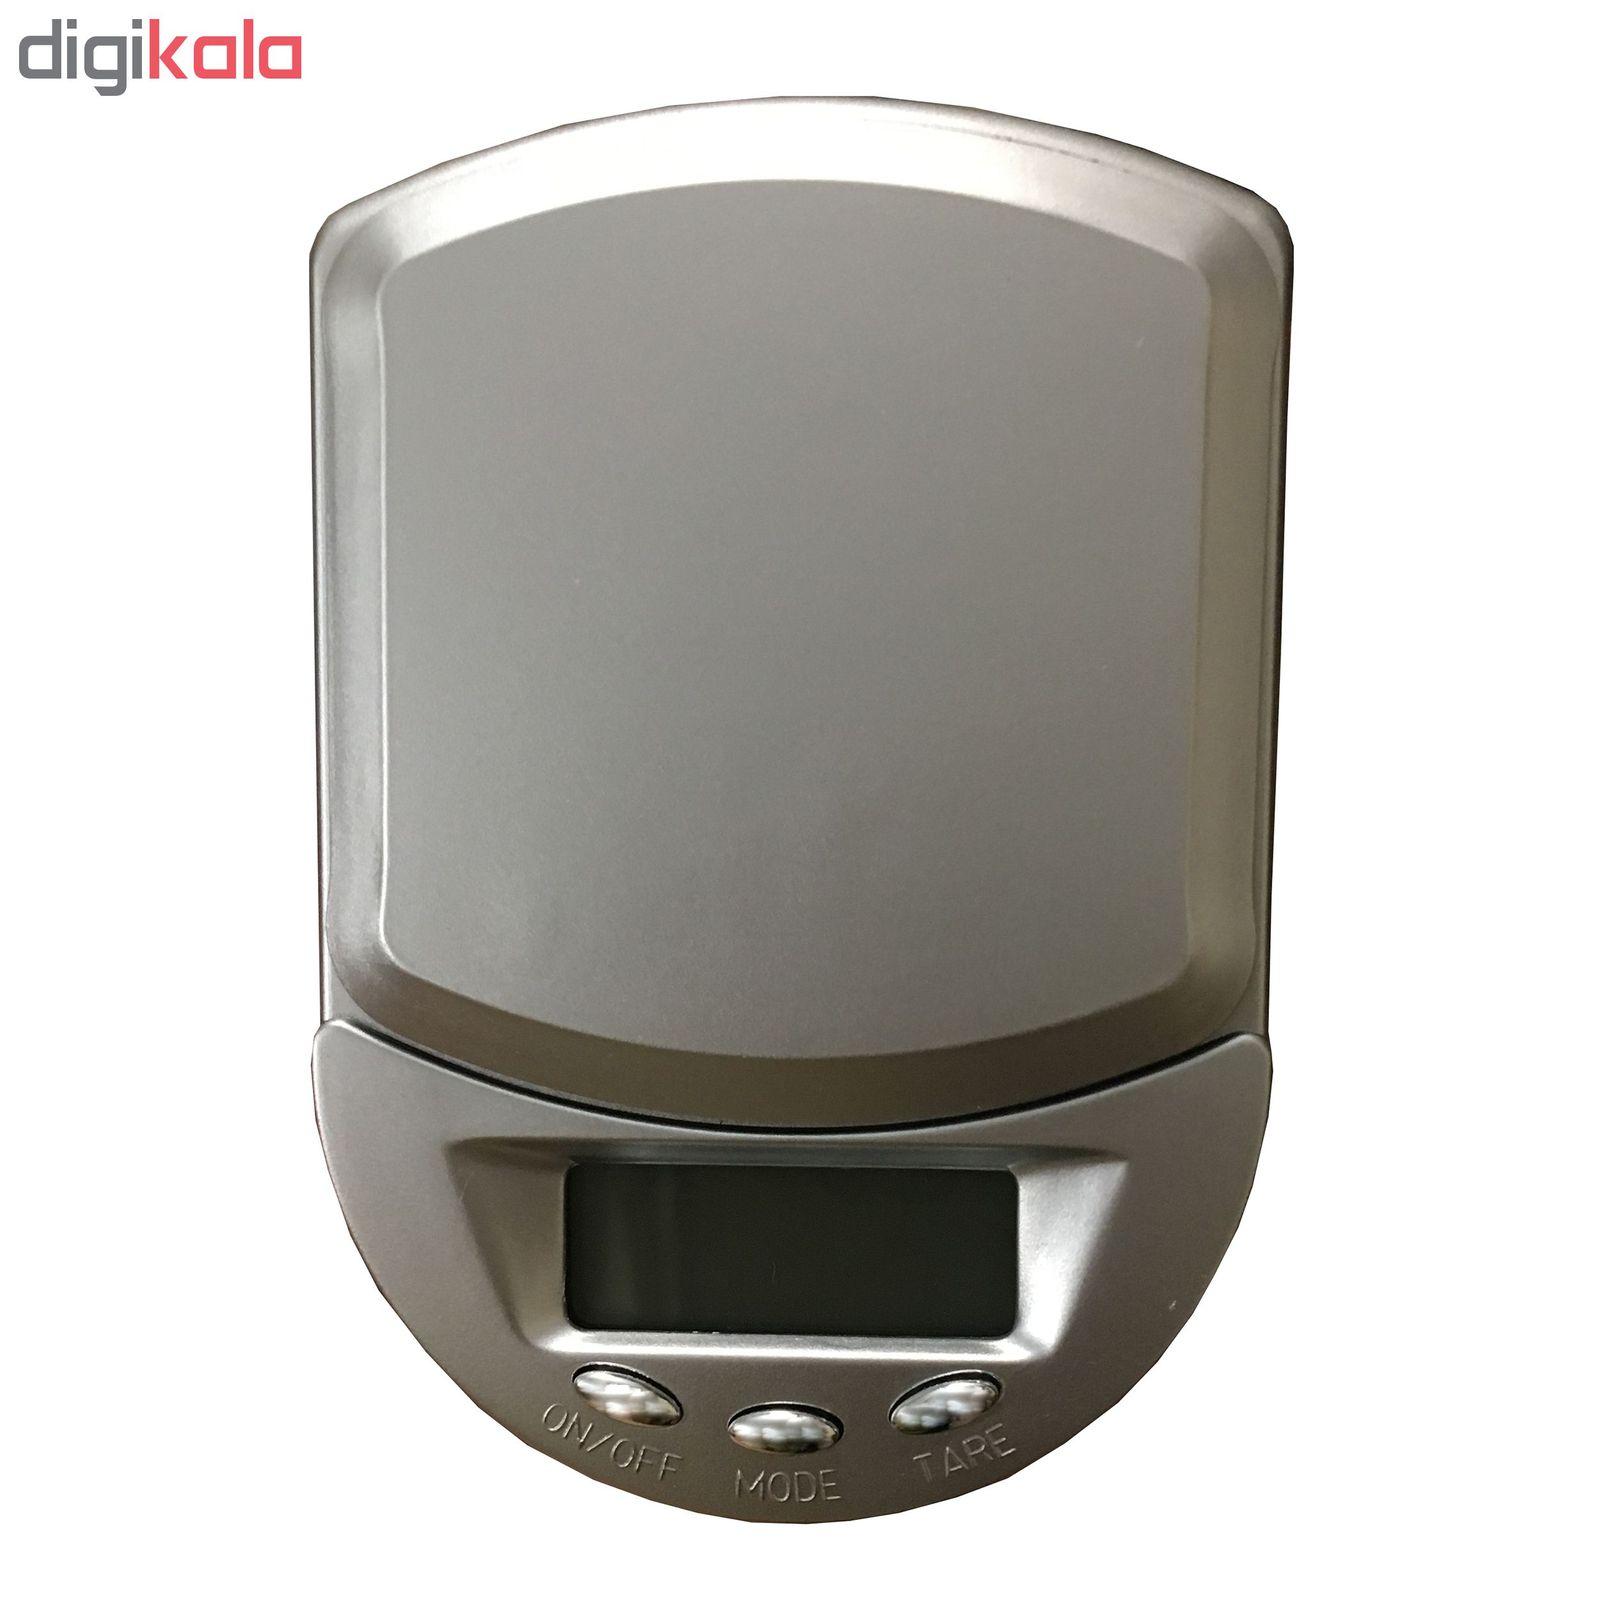 ترازو دیجیتال دایاموند مدل A04 main 1 1